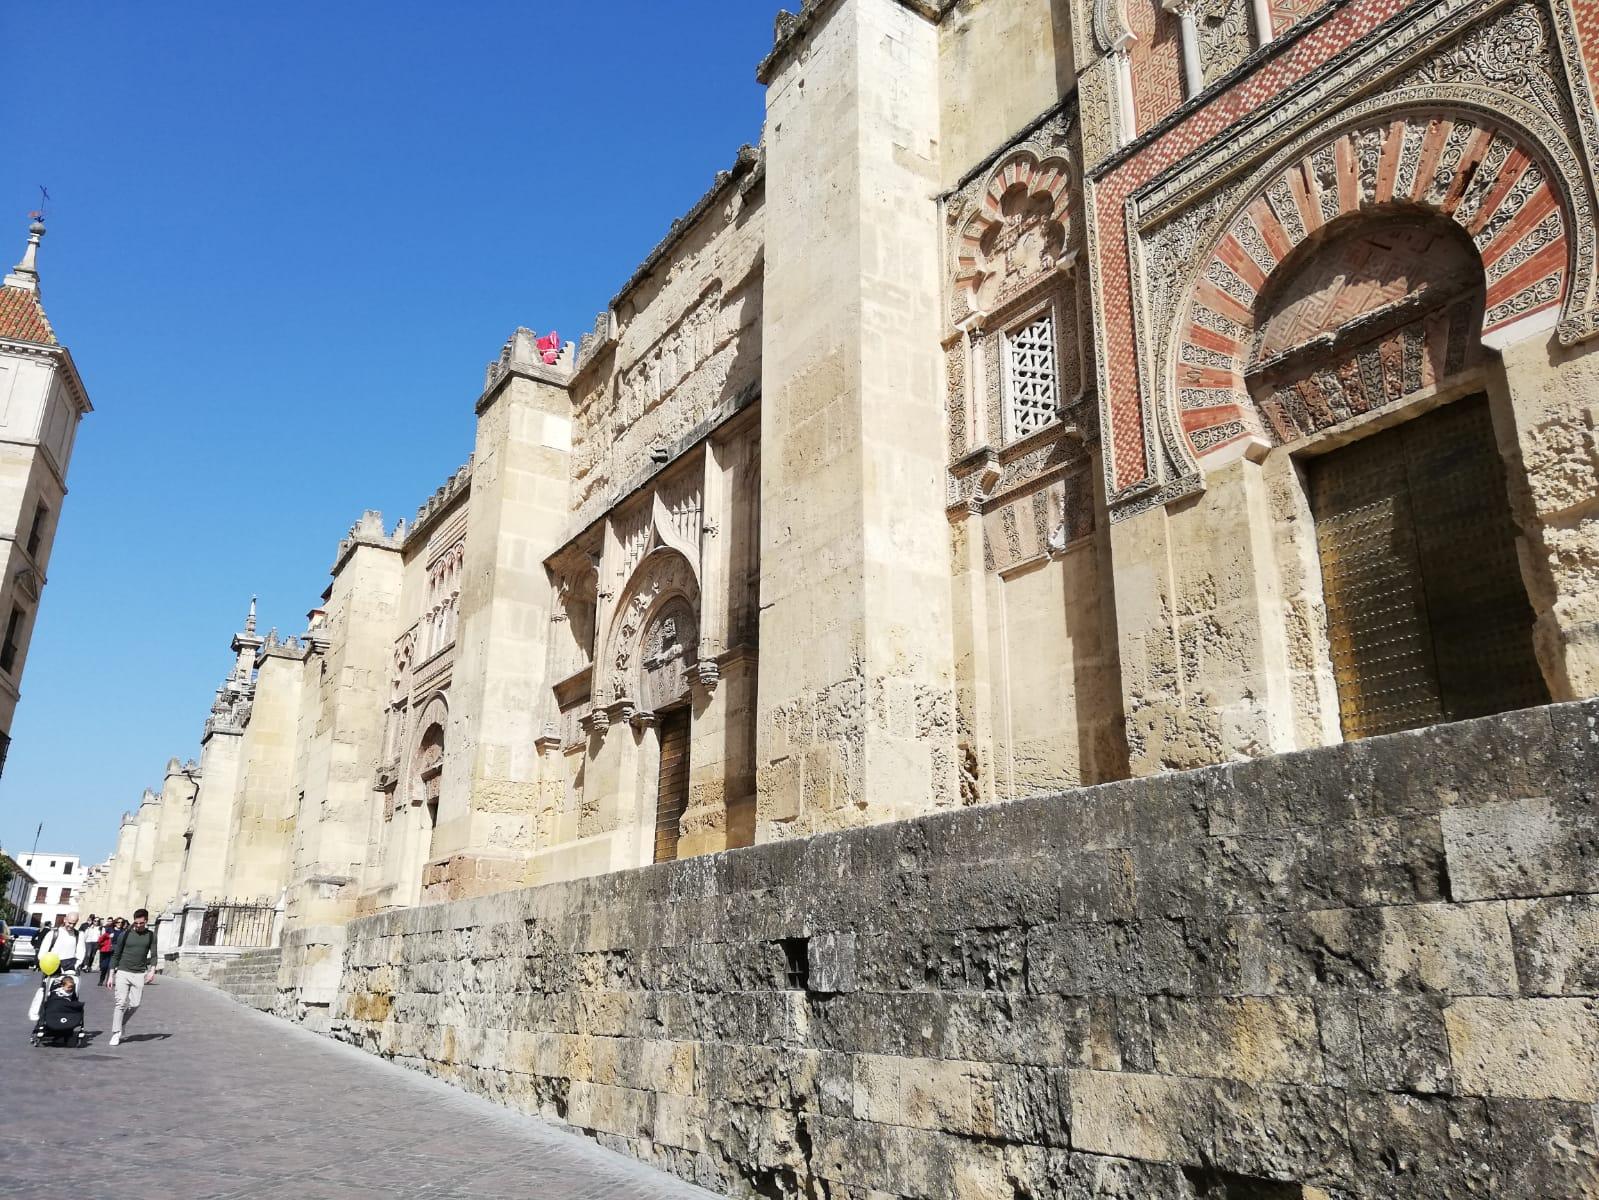 La Comisión del Casco Histórico se opone a la instalación de palcos en la Carrera Oficial de Semana Santa en el entorno de la Mezquita-Catedral